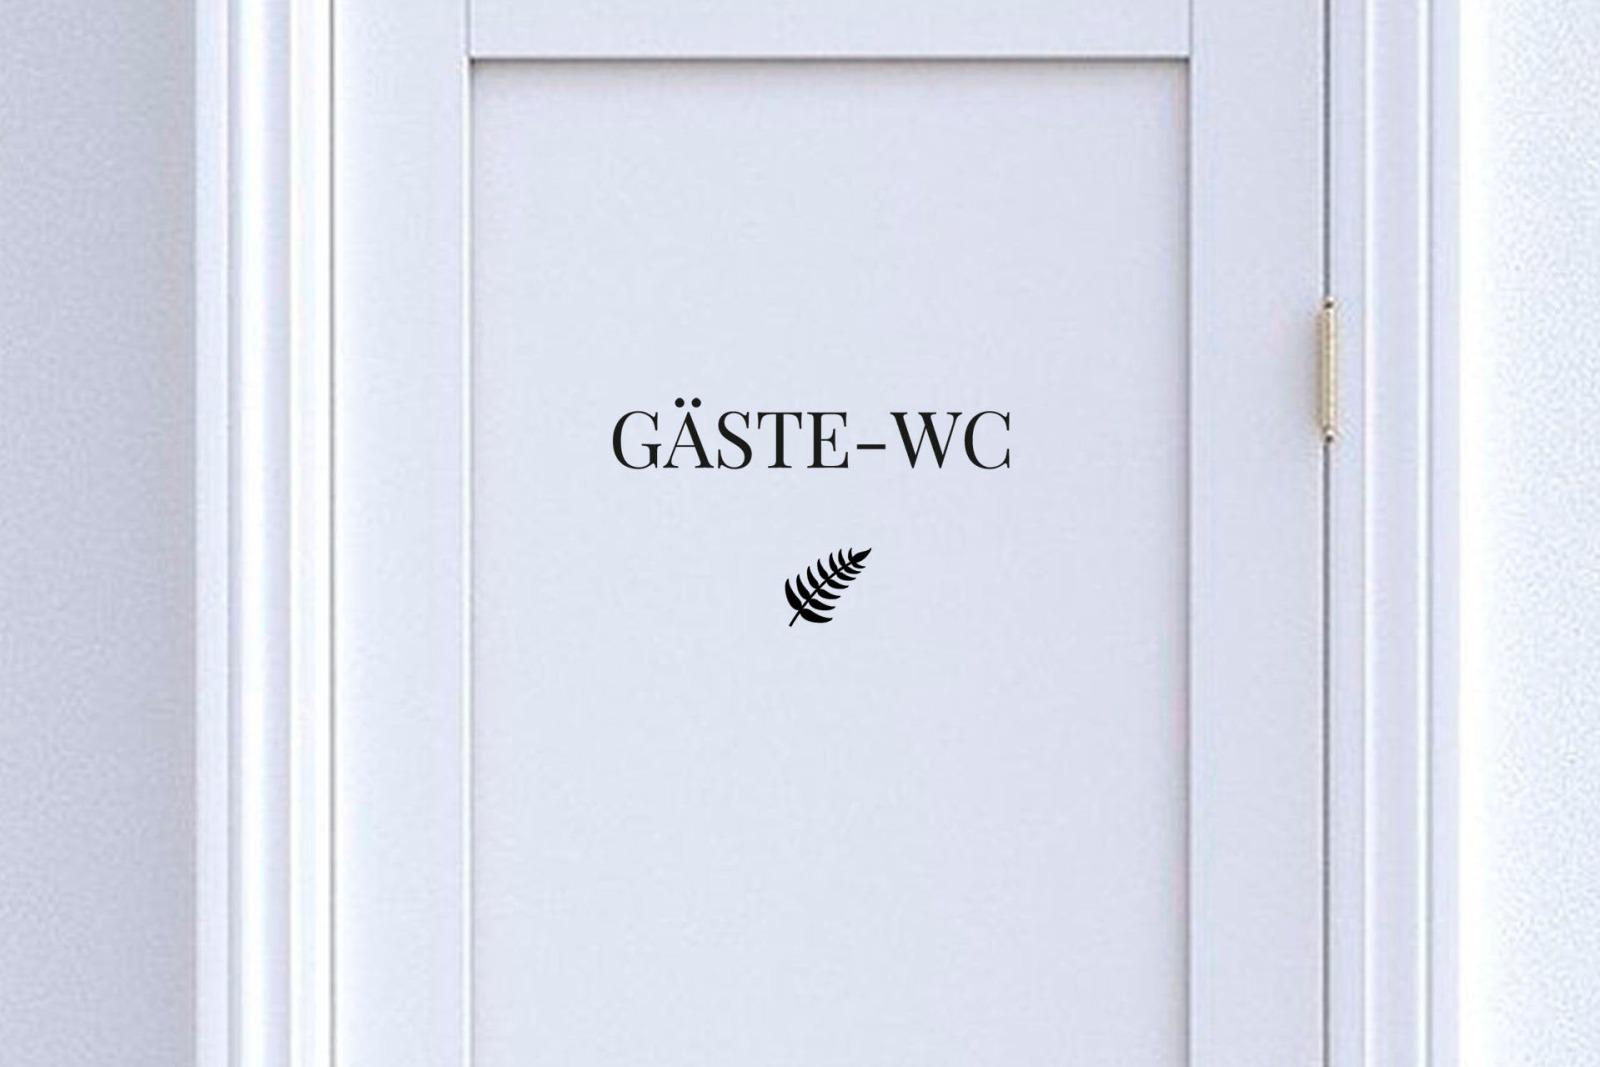 Türschild Gäste-WC mit Symbol 9